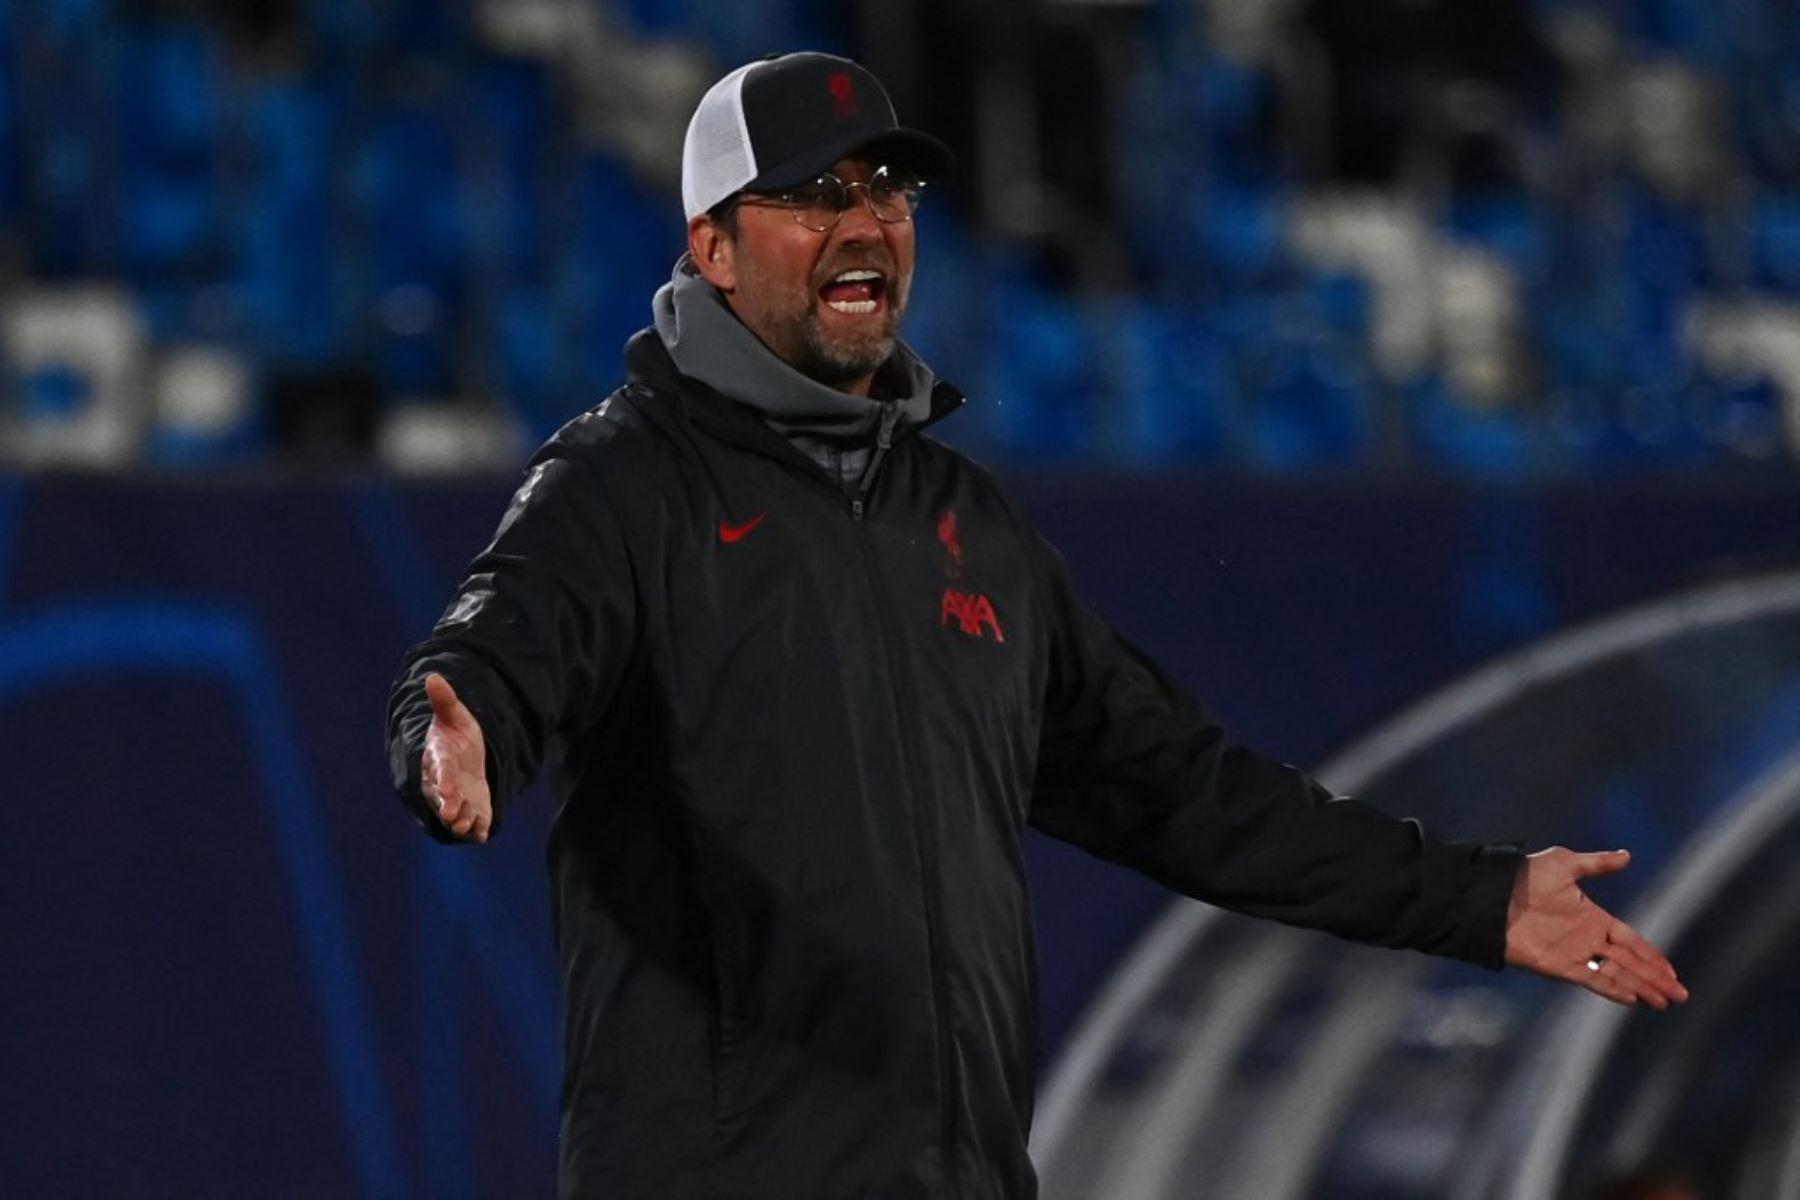 El técnico alemán del Liverpool, Jurgen Klopp, reacciona durante el partido de ida de cuartos de final de la Liga de Campeones de la UEFA entre el Real Madrid y el Liverpool en el estadio Alfredo di Stefano de Valdebebas, en las afueras de Madrid.  Foto:AFP